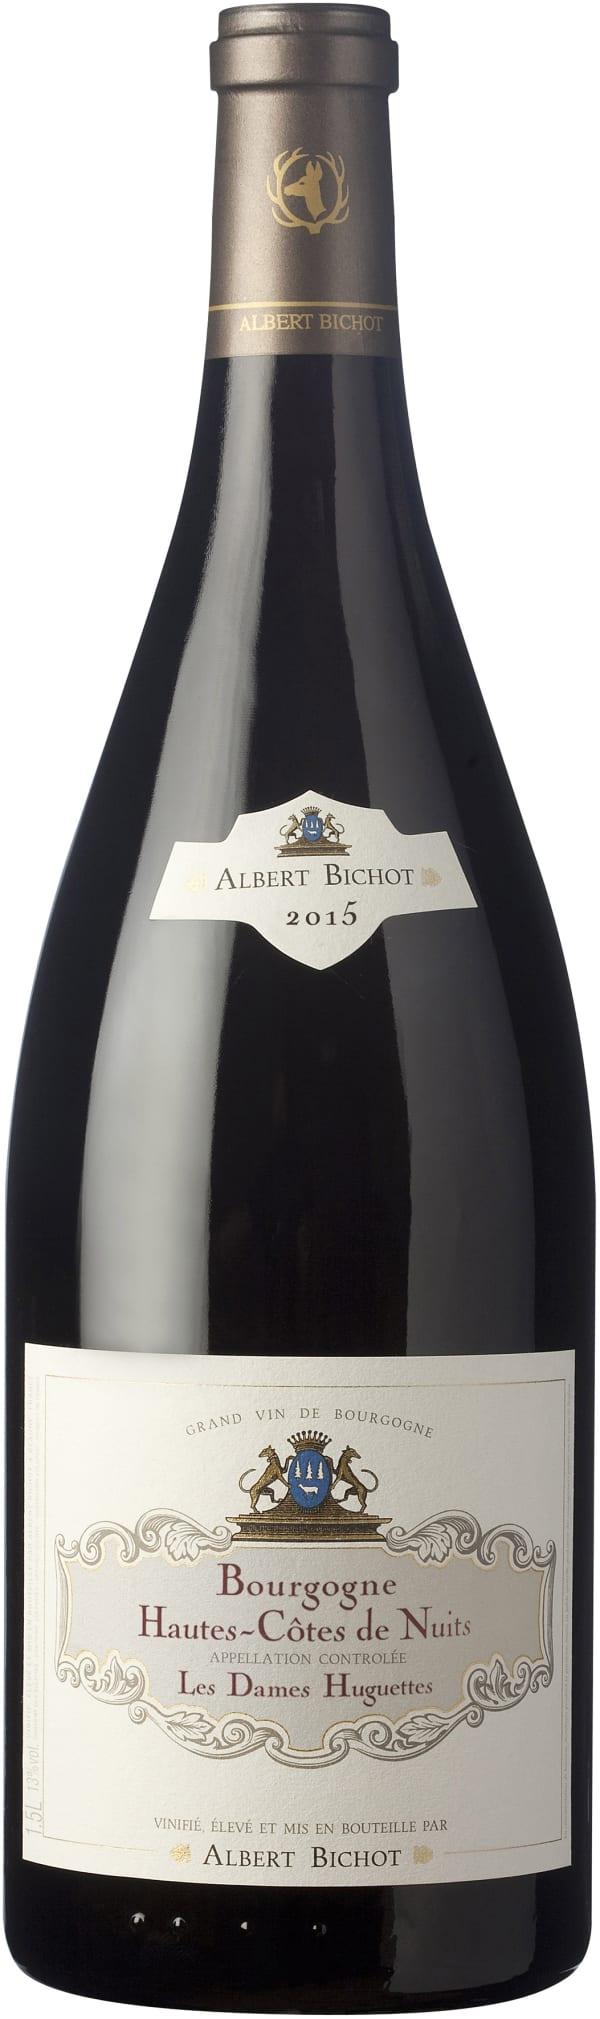 Albert Bichot Bourgogne Hautes-Côtes de Nuits Les Dames Huguettes 2015